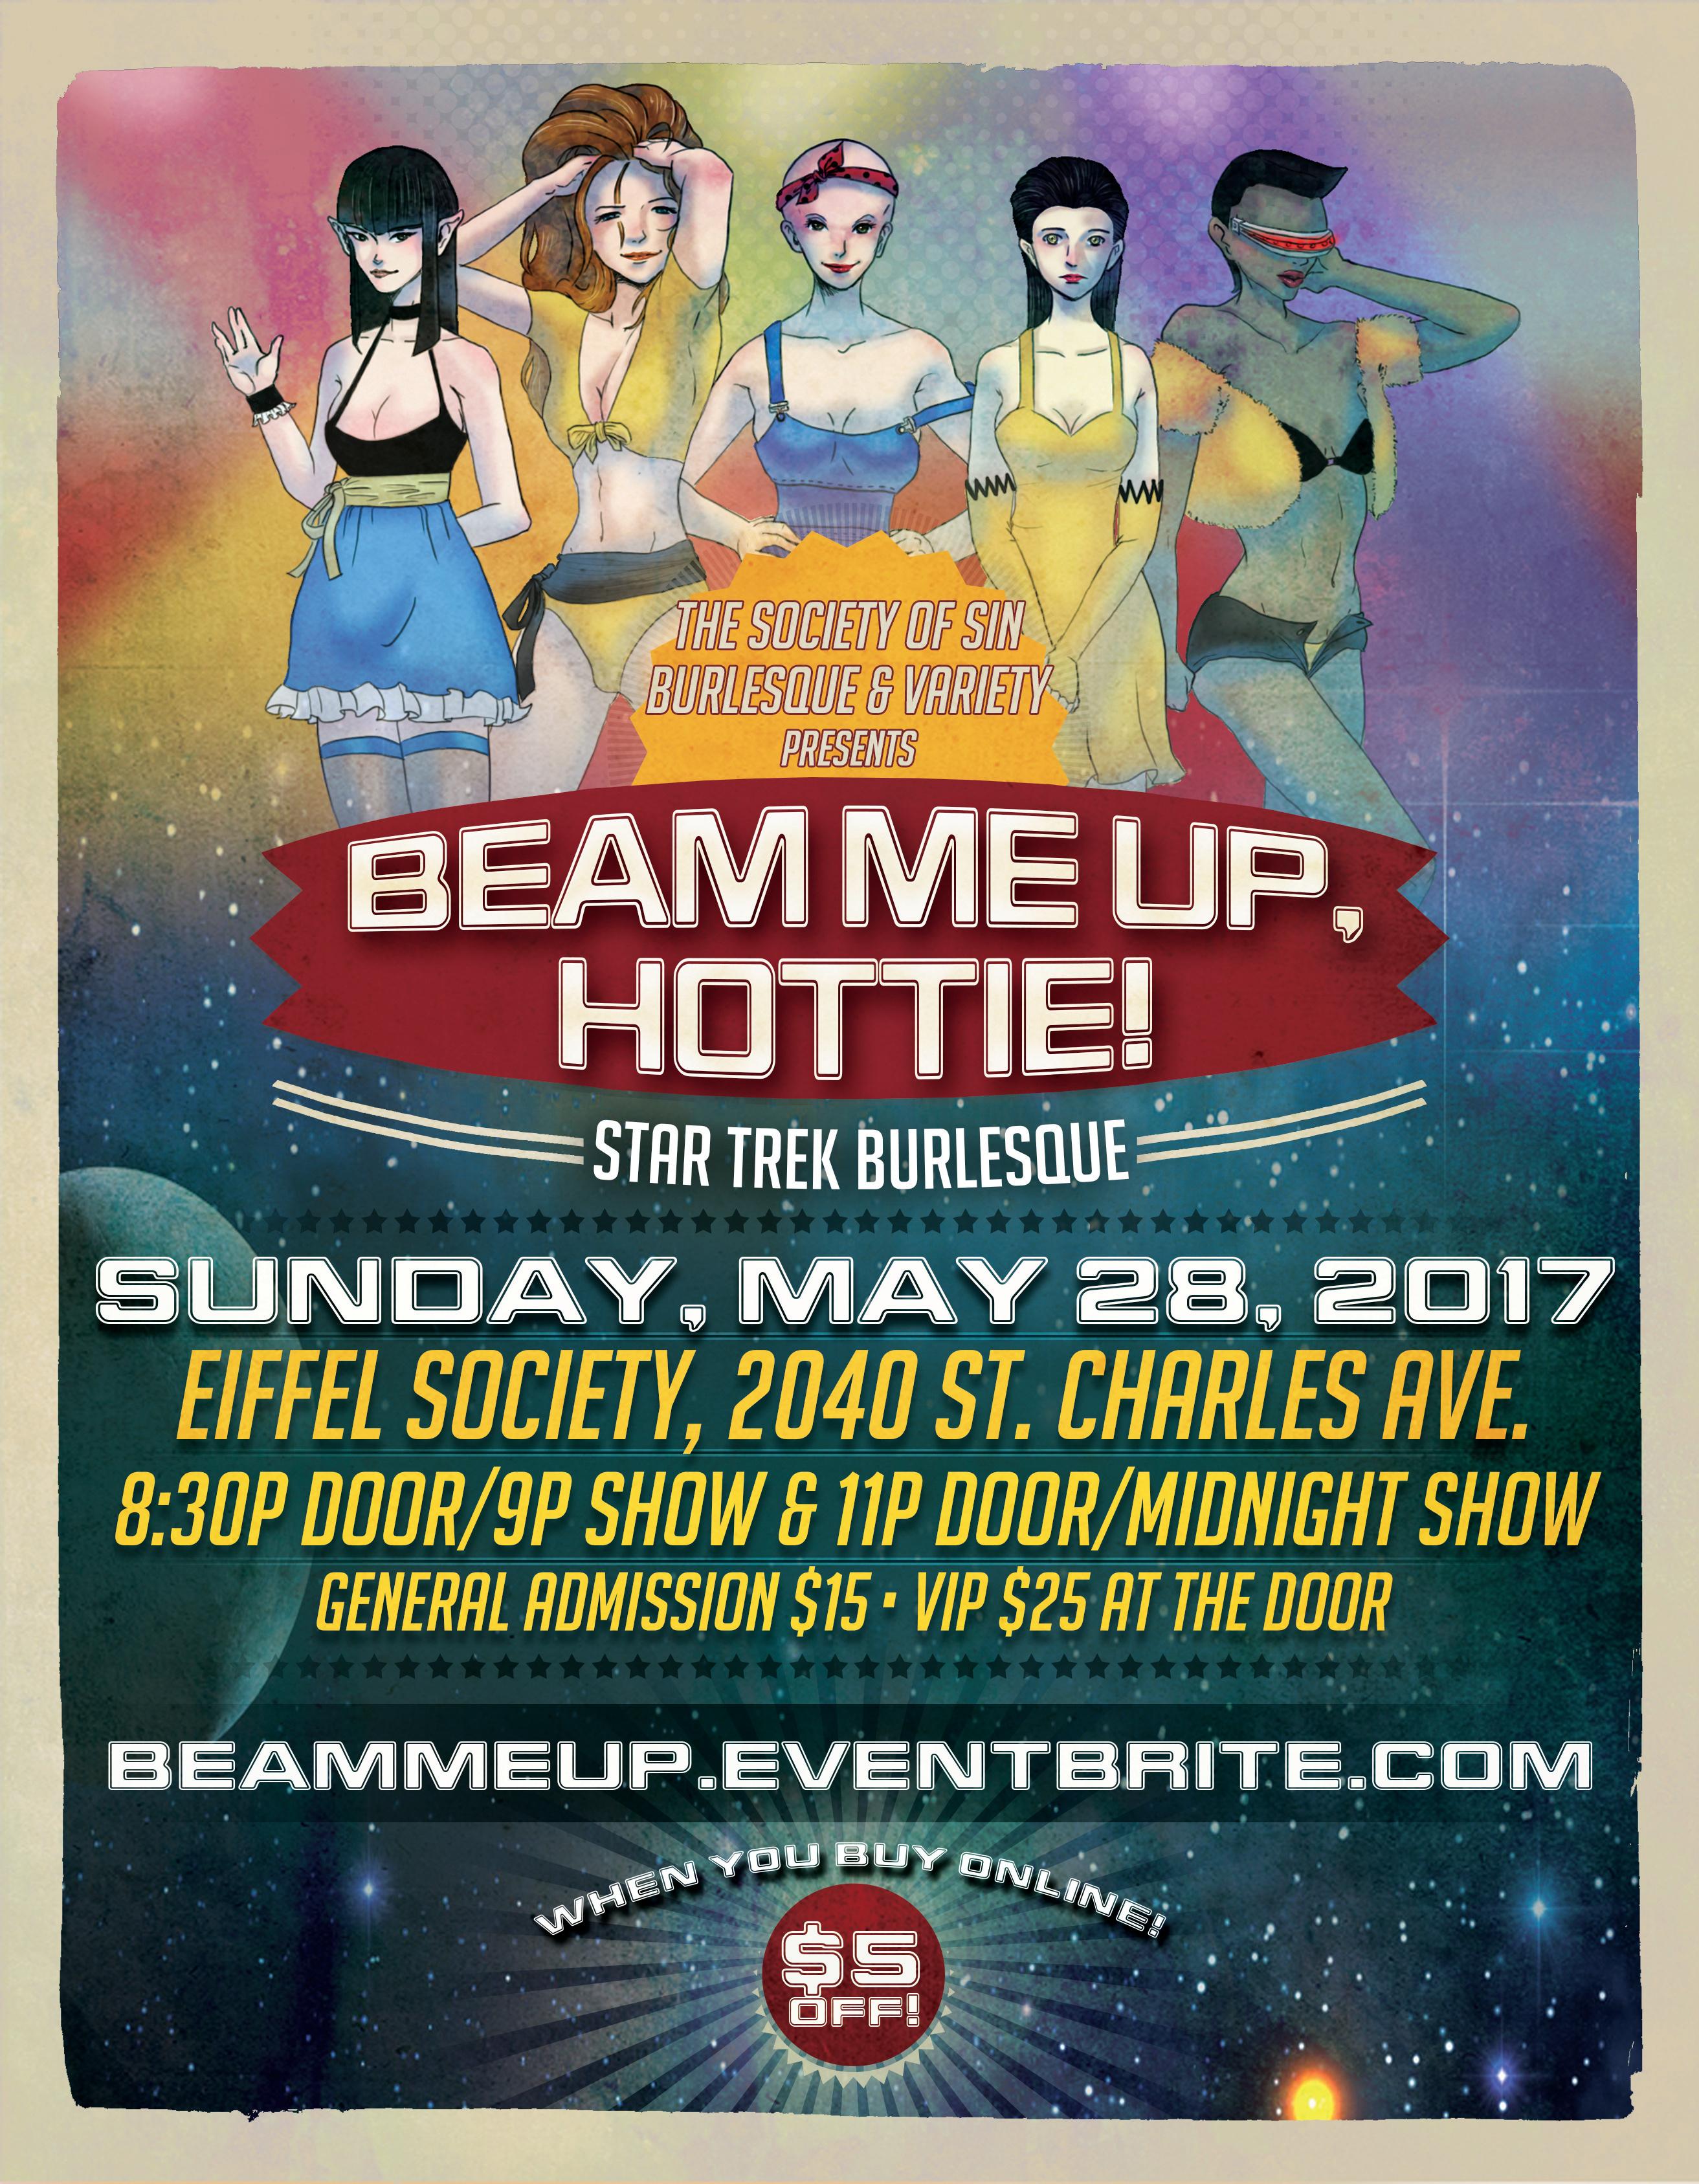 Beam Me Up, Hottie! Star Trek Show